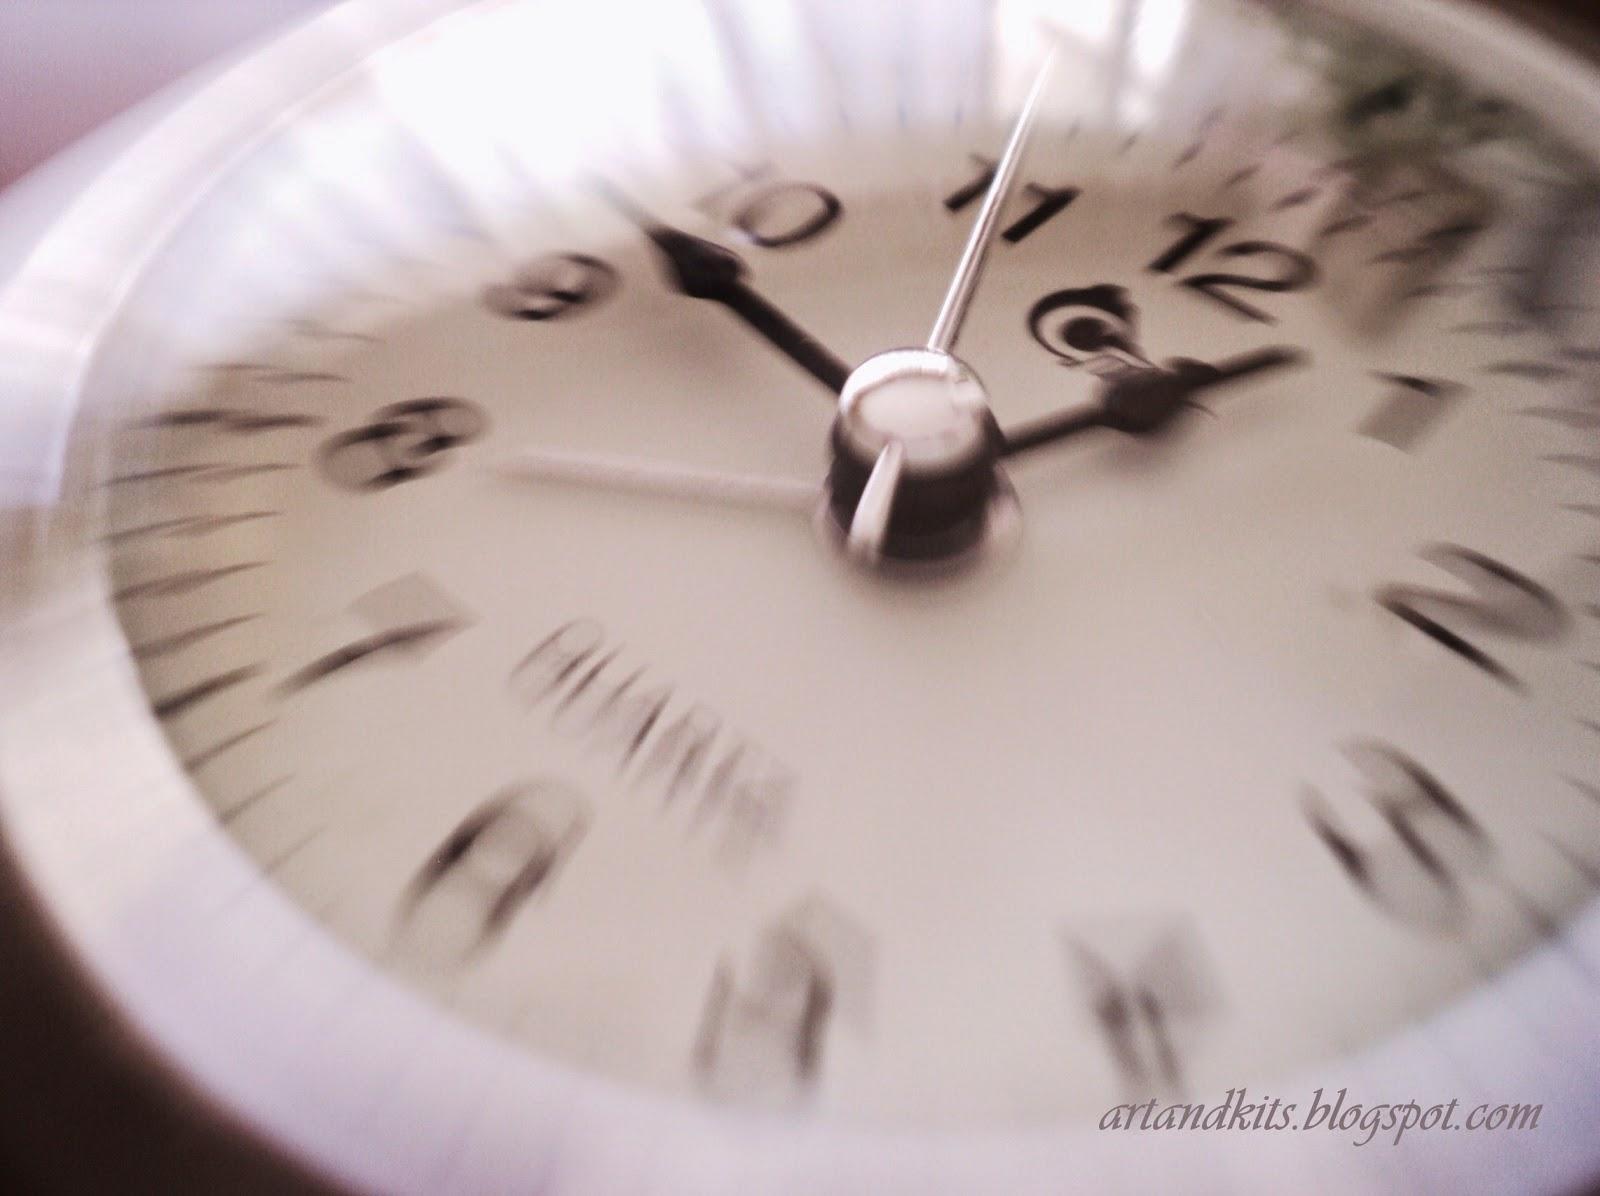 O tempo, consegue ser medido com tanta precisão...E contudo, por vezes, nem sempre sabemos, quando é que é o momento certo, para seguir em frente... ou voltar atrás...E muitas vezes, as decisões adiam-se... para tentar ganhar mais tempo... E no entanto, o tempo, é sempre  irreversível... / Time can be measured with such precision... And yet, sometimes, we don't know, when is the right time to move on... or  to turn back... And many times, we delay our decisions... in order to try to win some more time... And yet, time is always irreversible ...